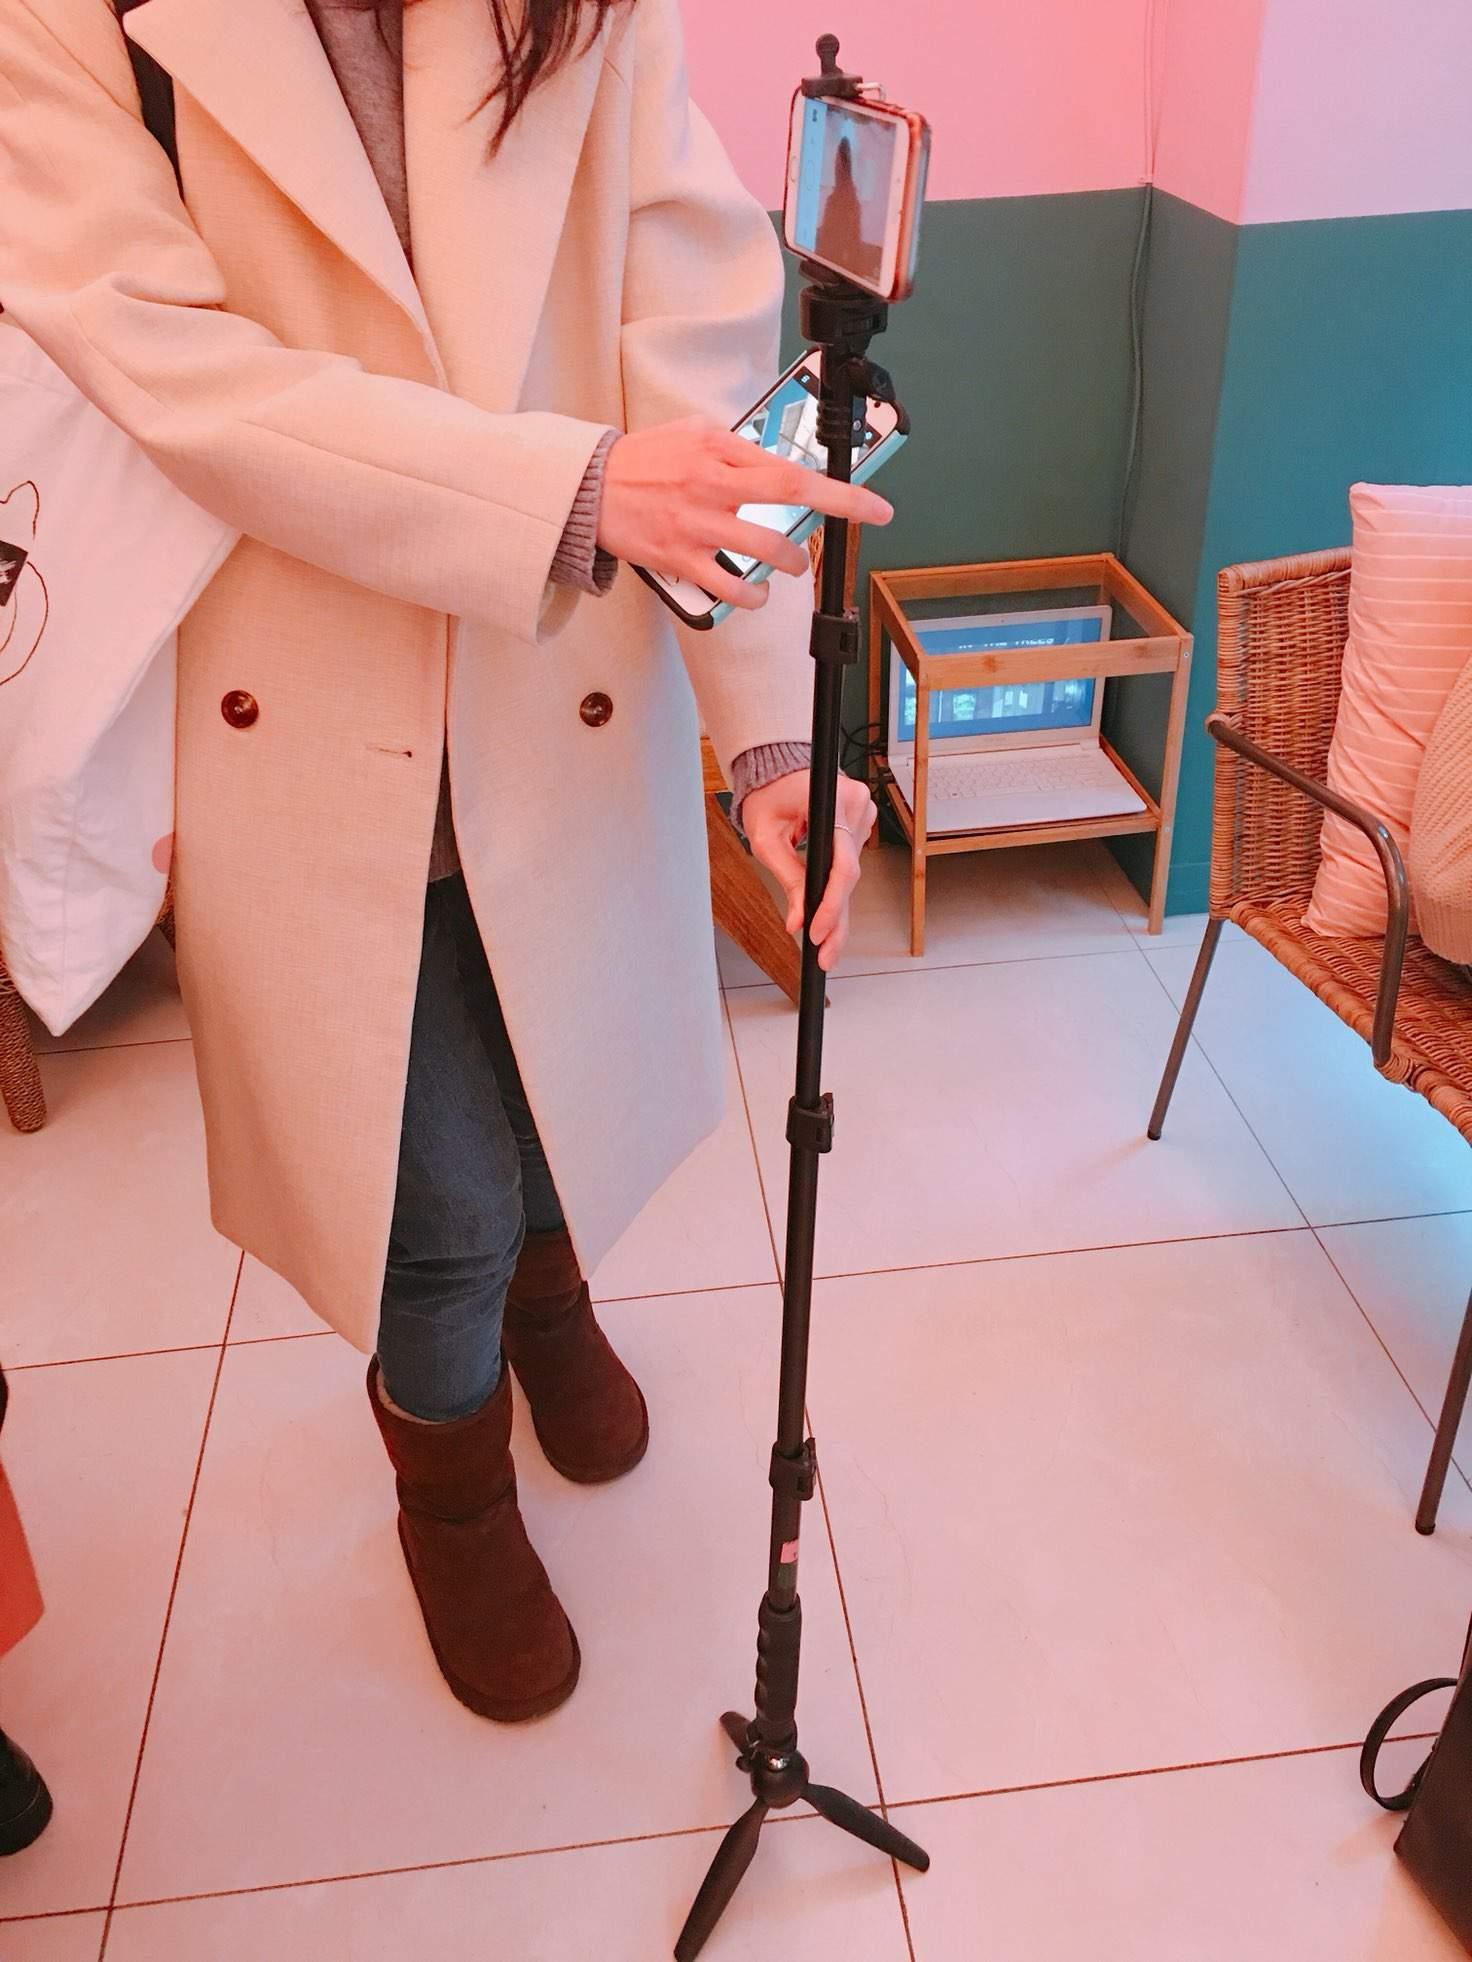 更厲害的是,店裡竟然就放著腳架讓你自由使用,想要跟朋友們拍合照不用麻煩店員,也不用手很酸的自拍,把手機裝在腳架上按計時拍照就可以啦!!